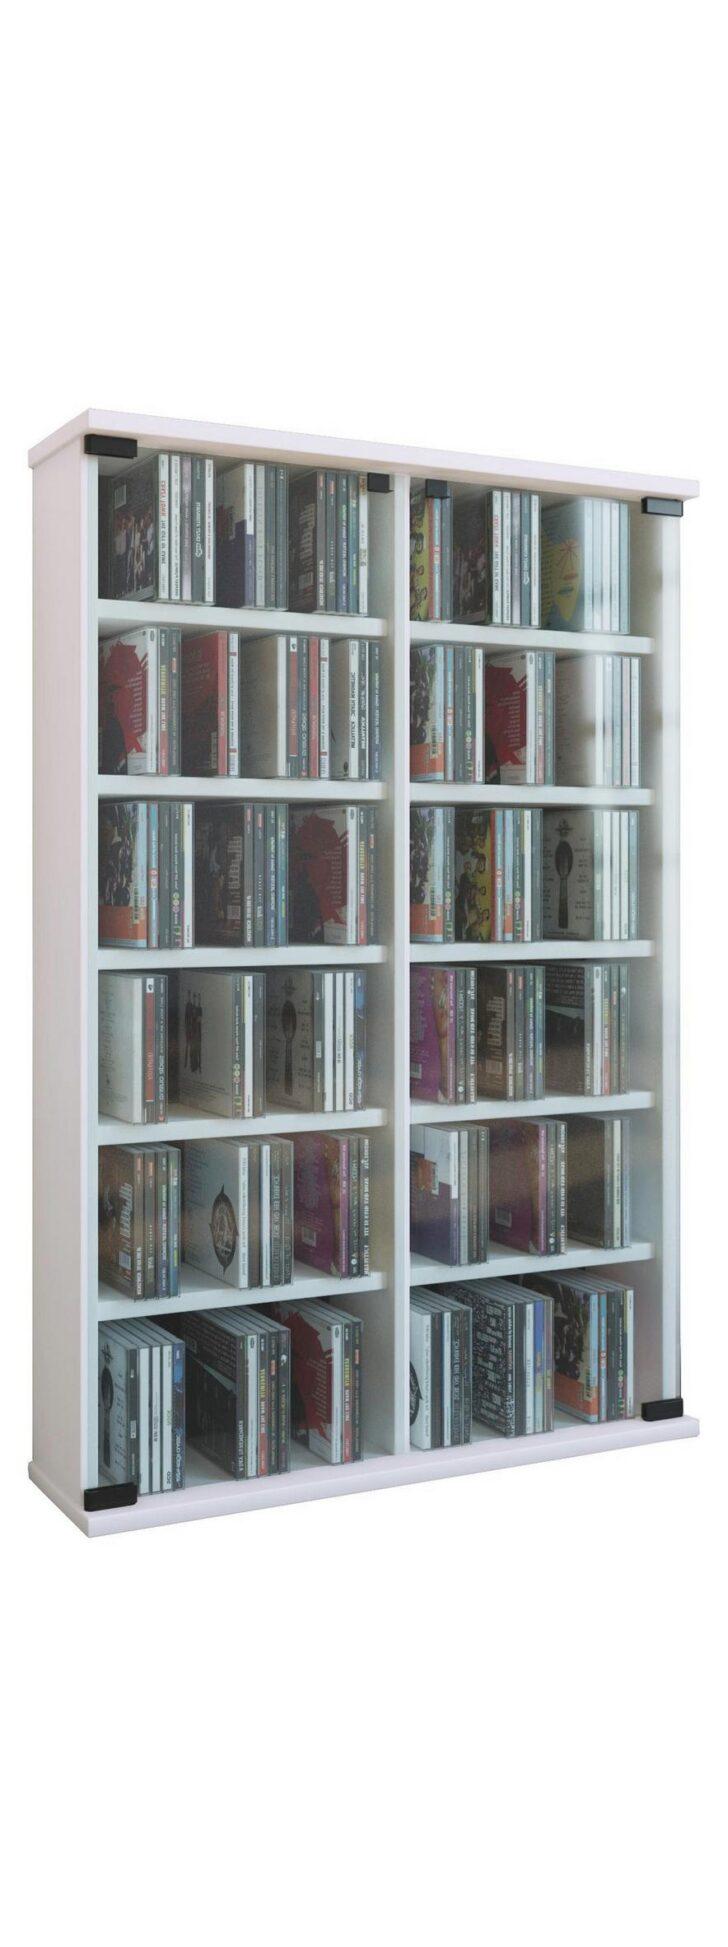 Medium Size of Cd Regal In Wei Online Bestellen Kleiderschrank Schäfer Regale Schreibtisch Modular Holz Kisten Schräge Für Dachschrägen Buche Regal Cd Regal